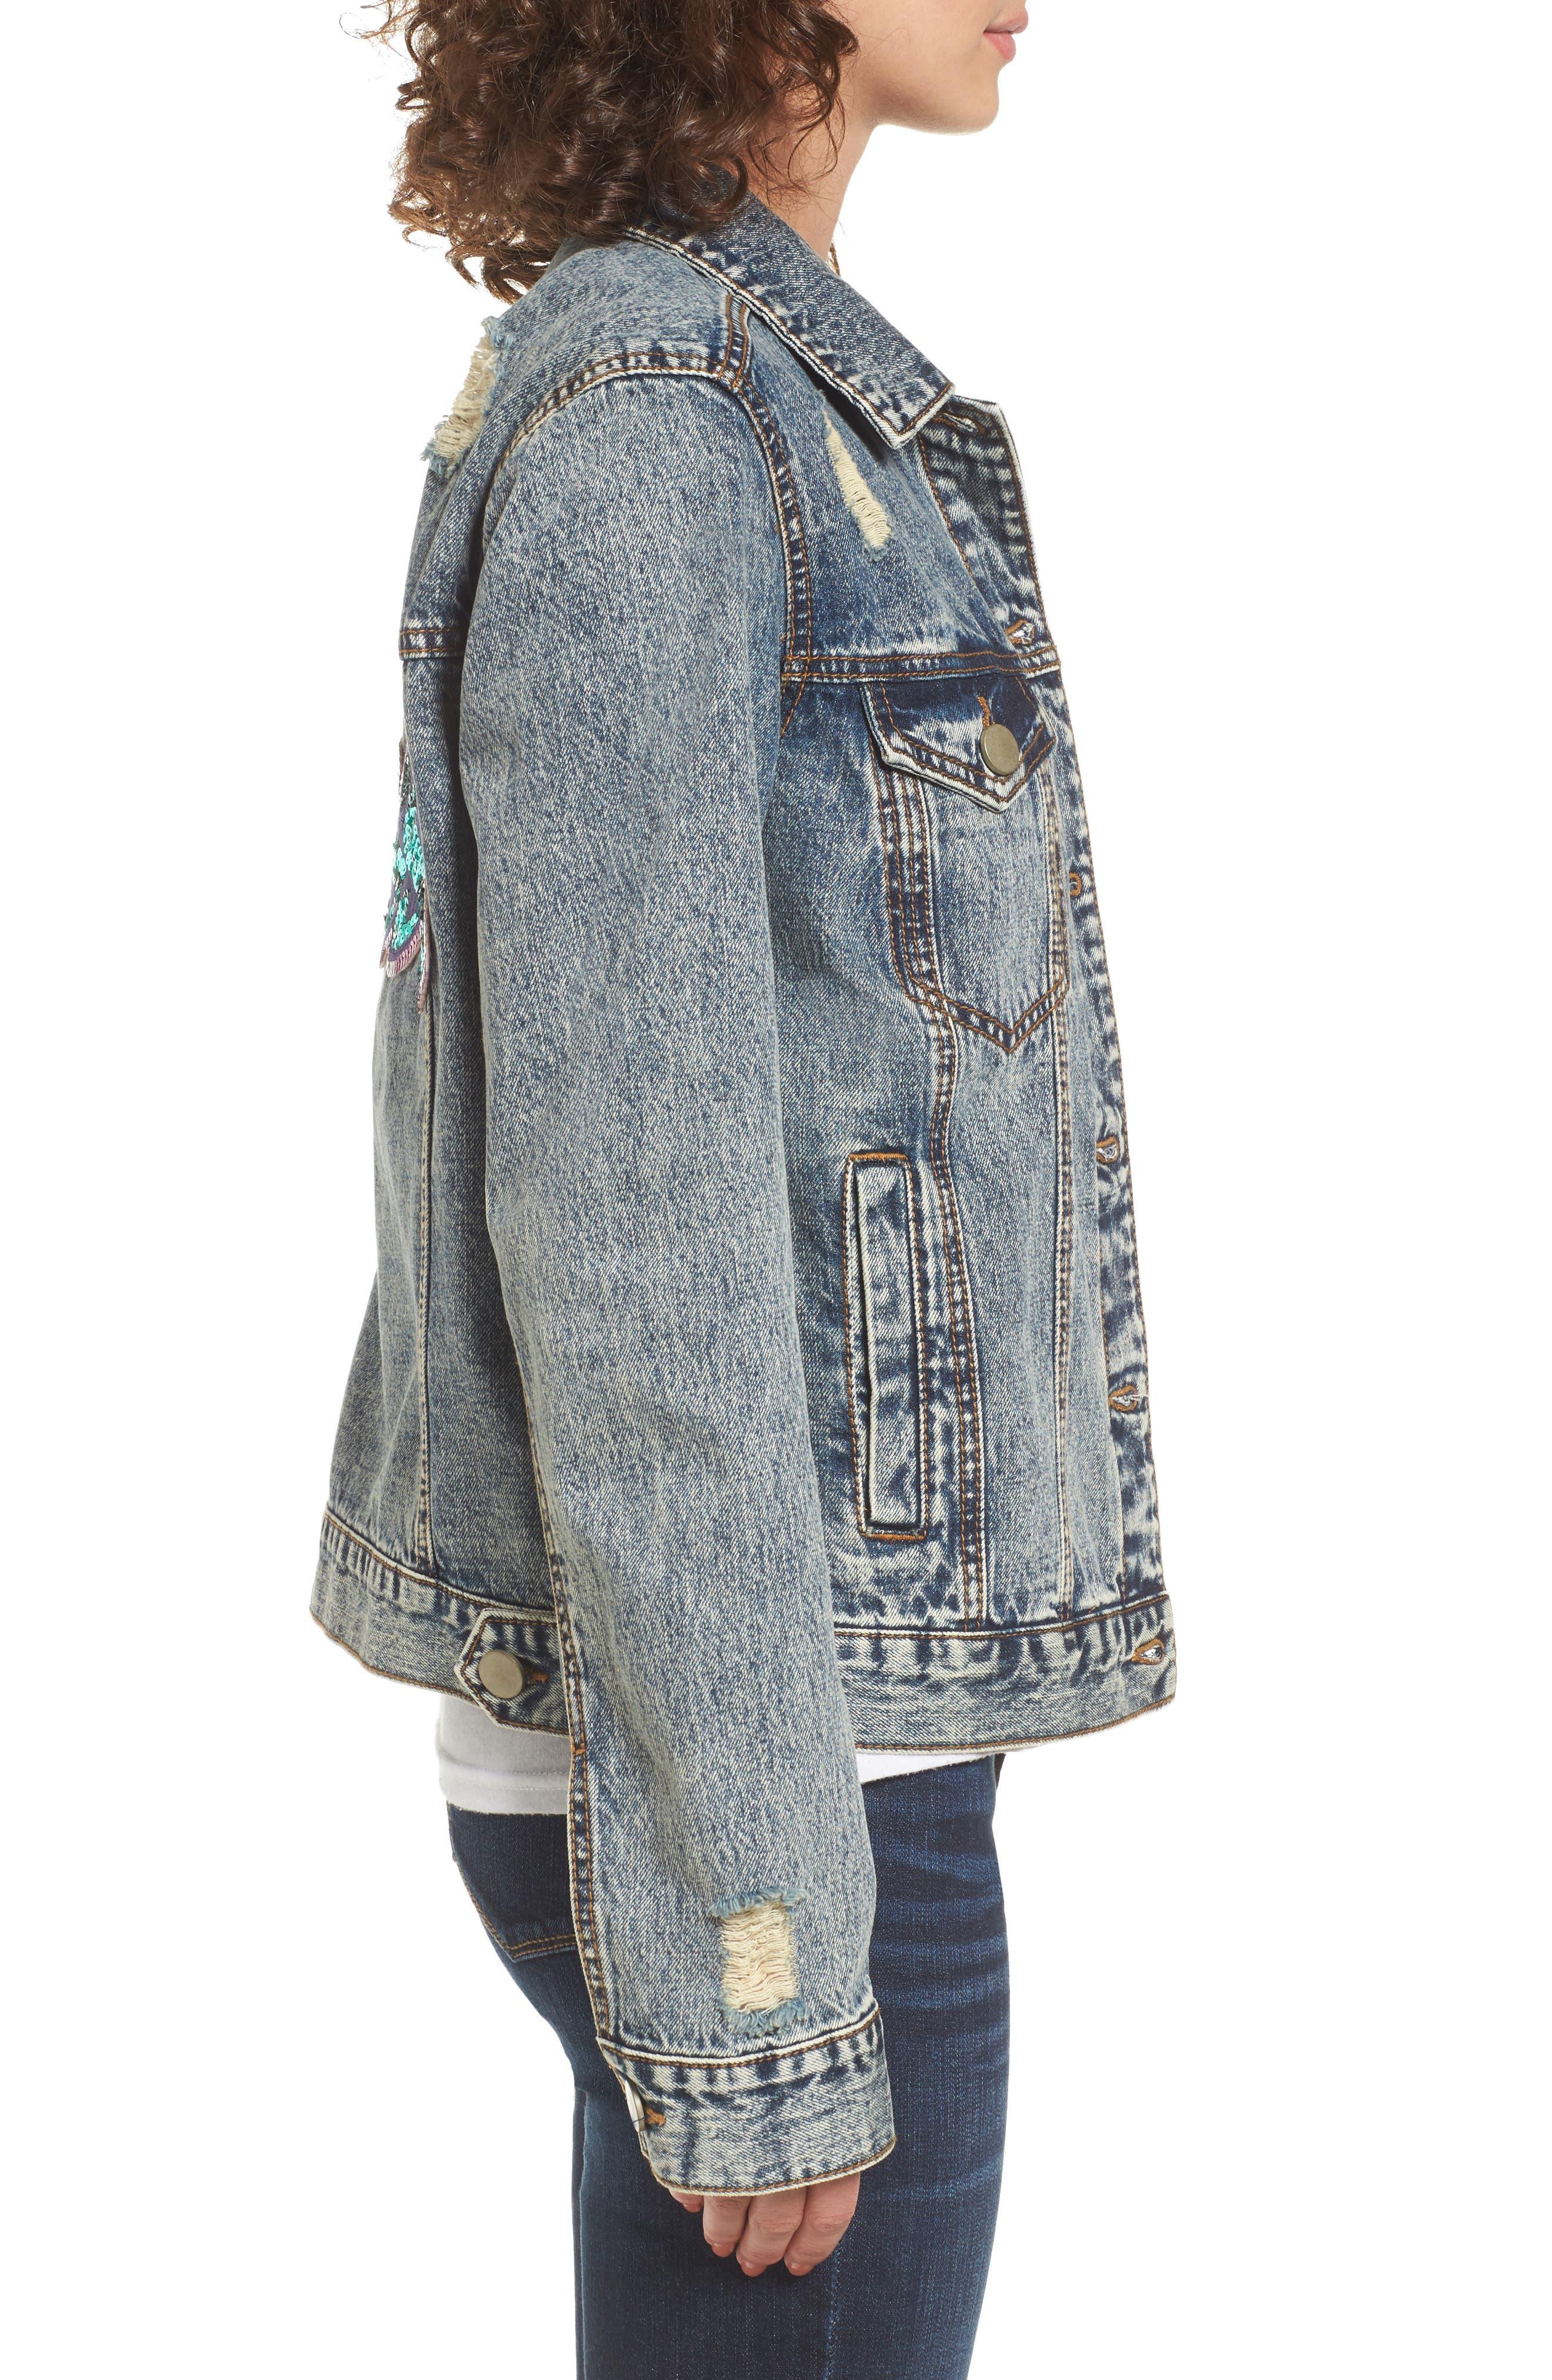 Bossy Embellished Denim Jacket,                             Alternate thumbnail 3, color,                             420